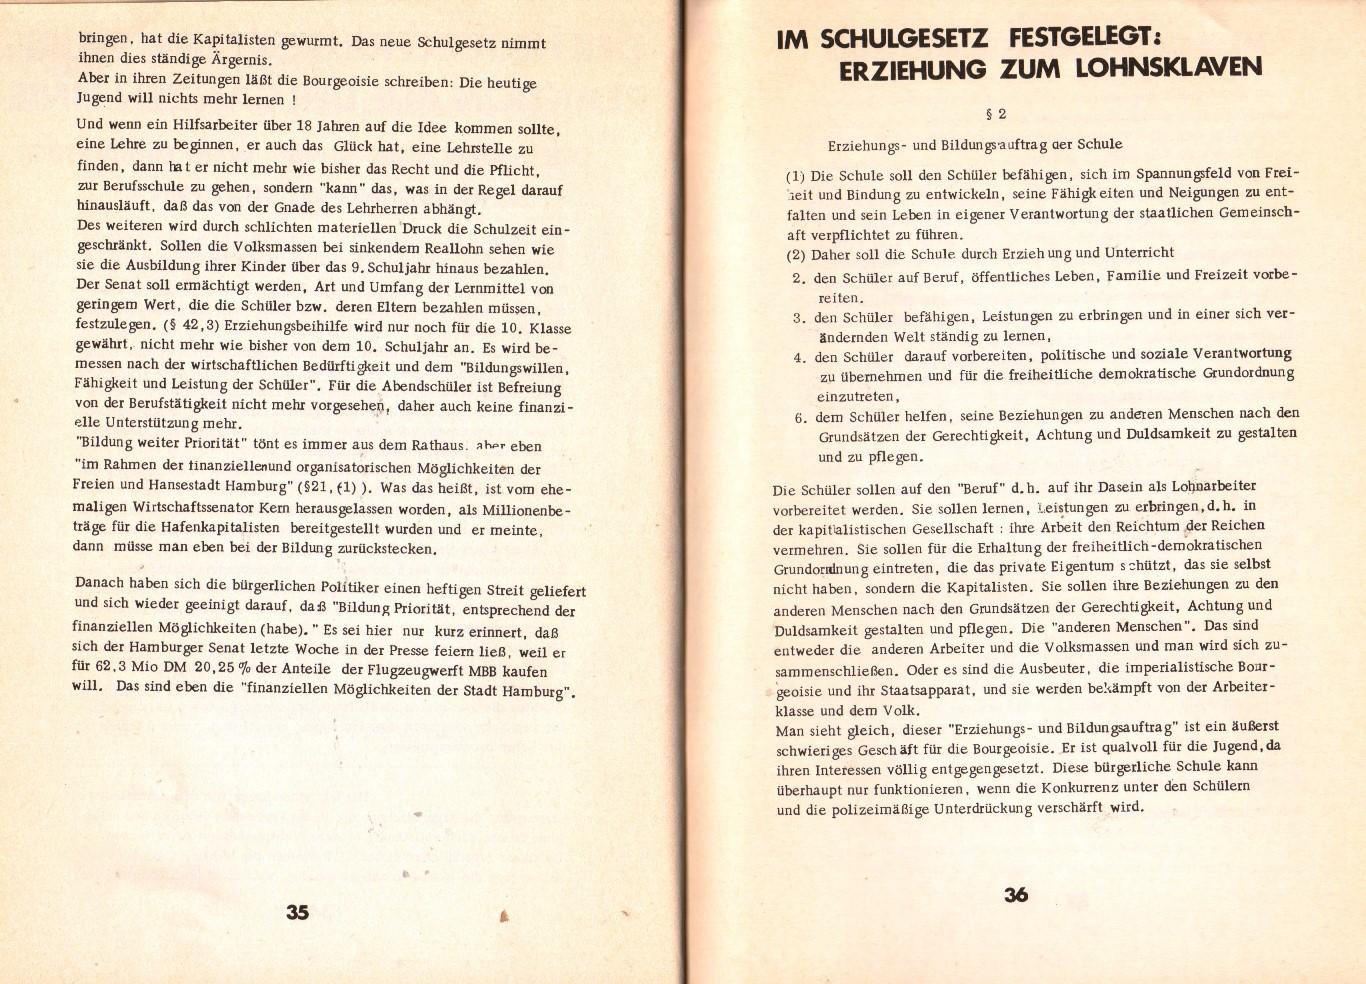 Hamburg_KBW_1976_Das_Schulwesen_seit_1945_20